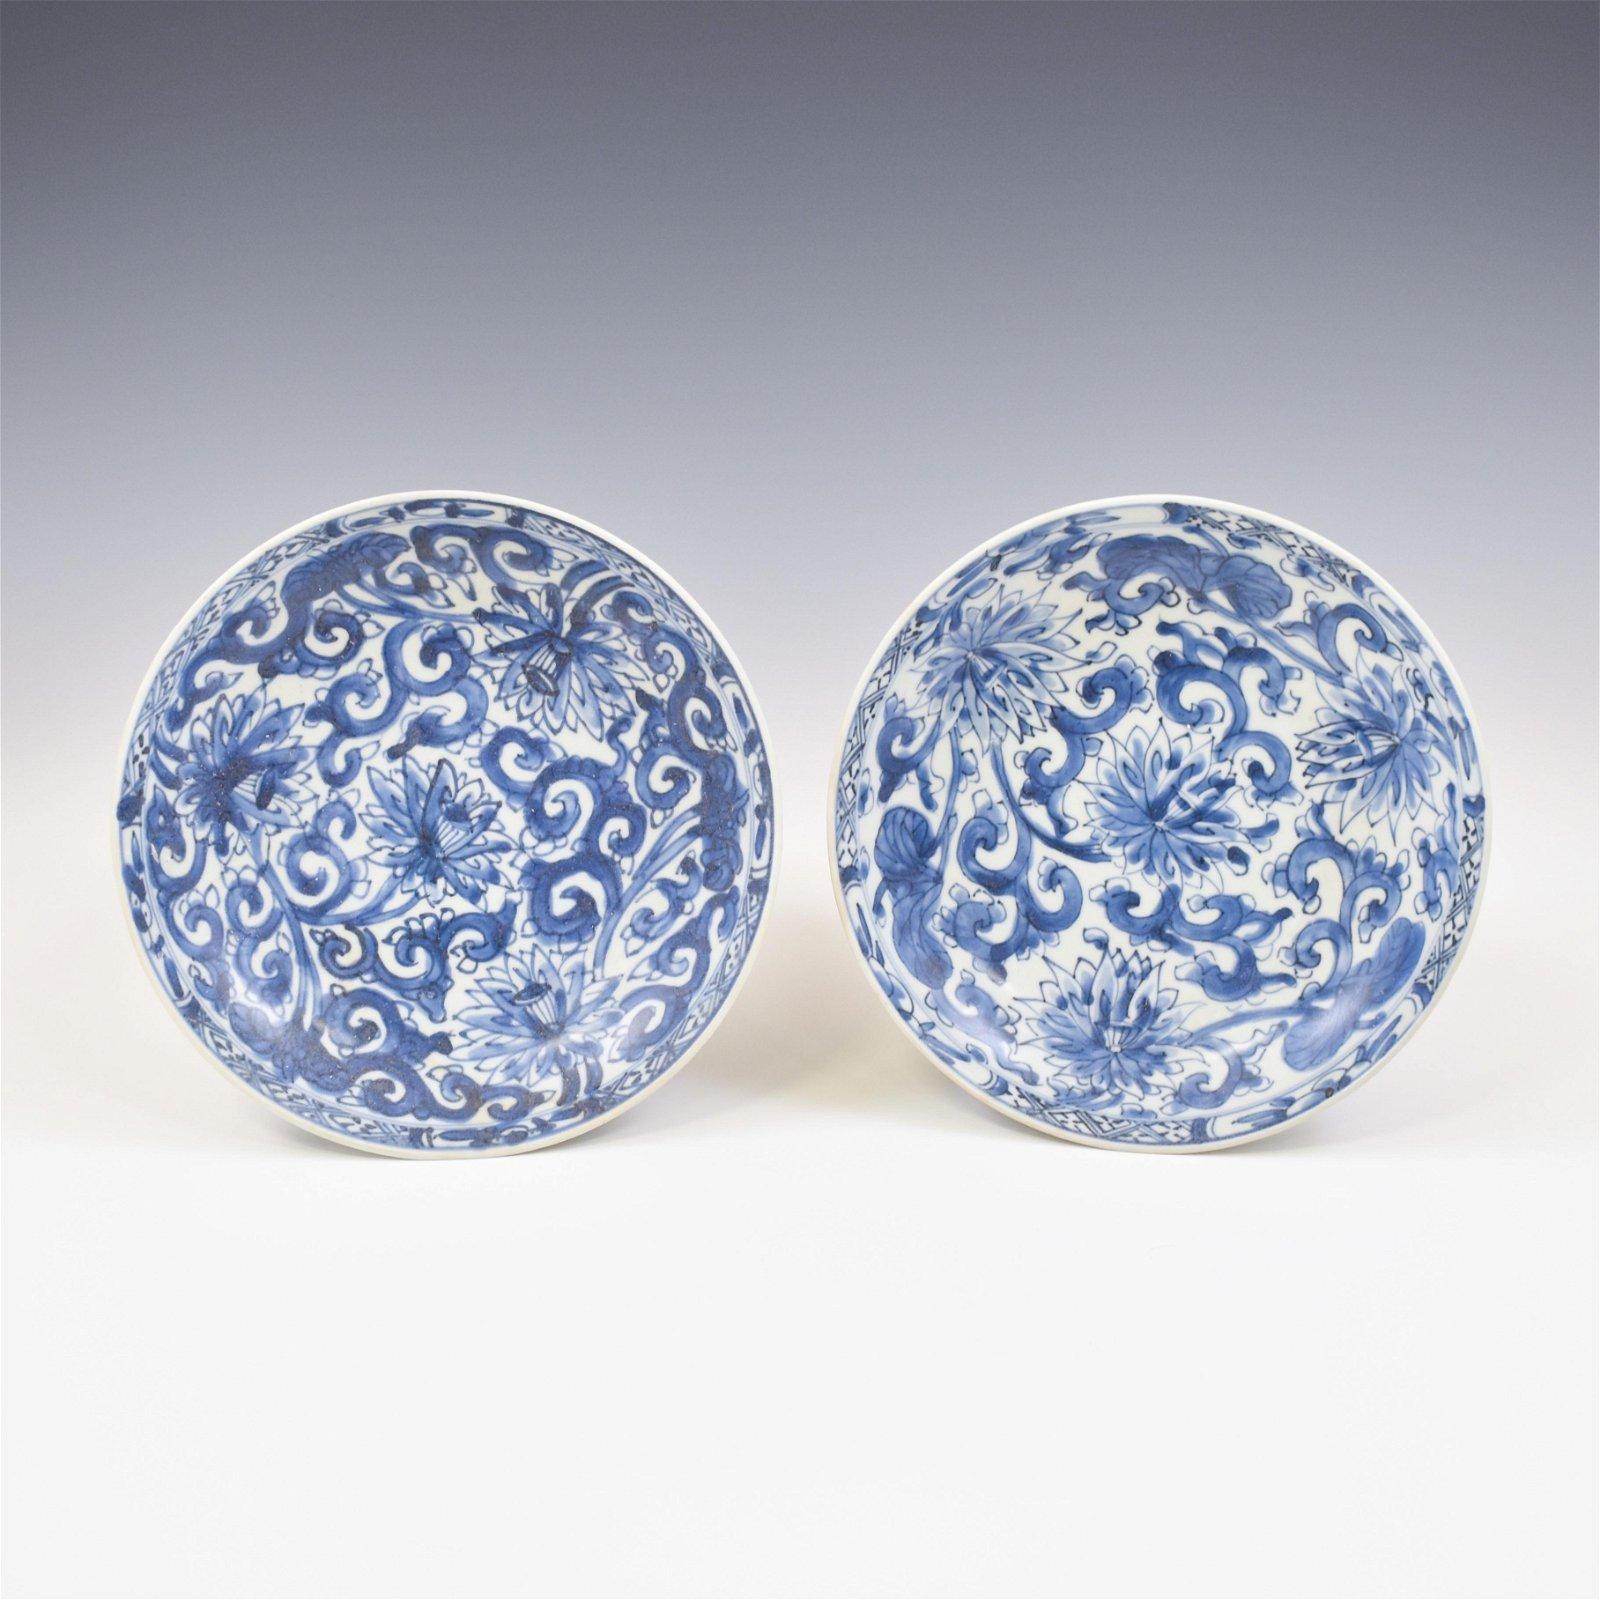 PAIR KANGXI BLUE & WHITE PLATES